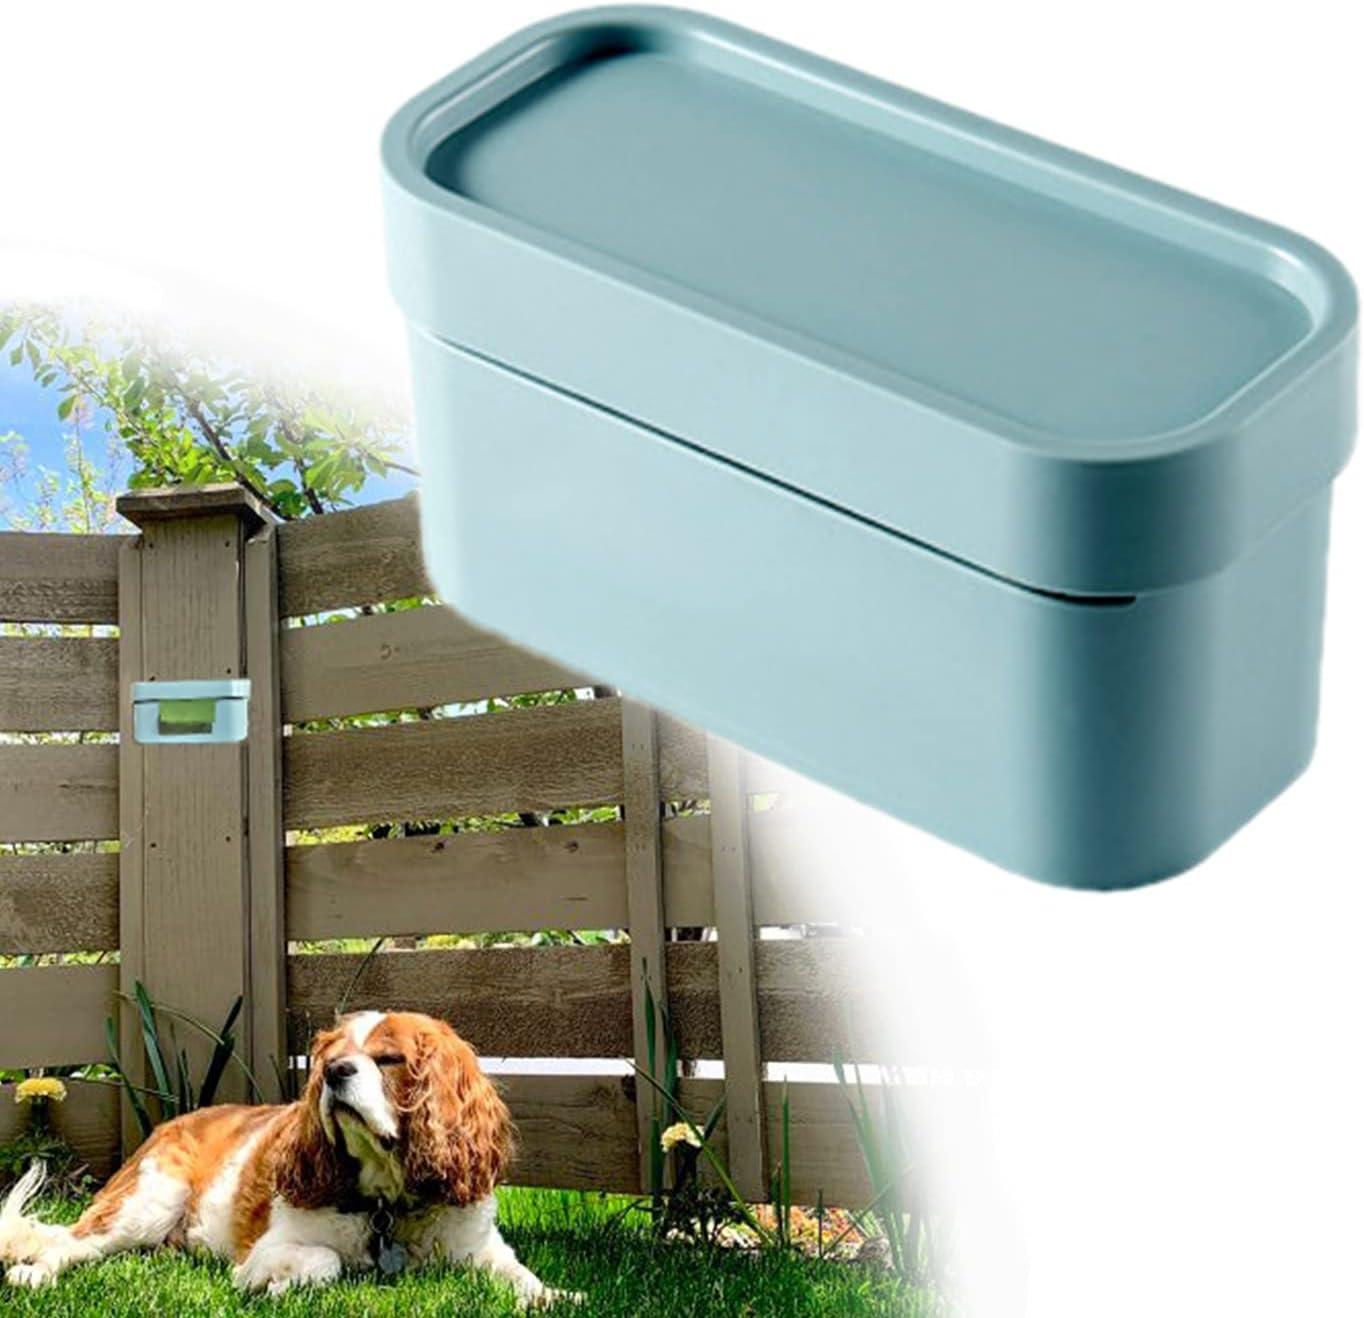 Outdoor Dog Bag Dispenser Wall Mount Poop Bag Dispenser For Yard Pet Poop Bag Holder For Fence Durable Hard Plastic Box, 1 Pack(Green)